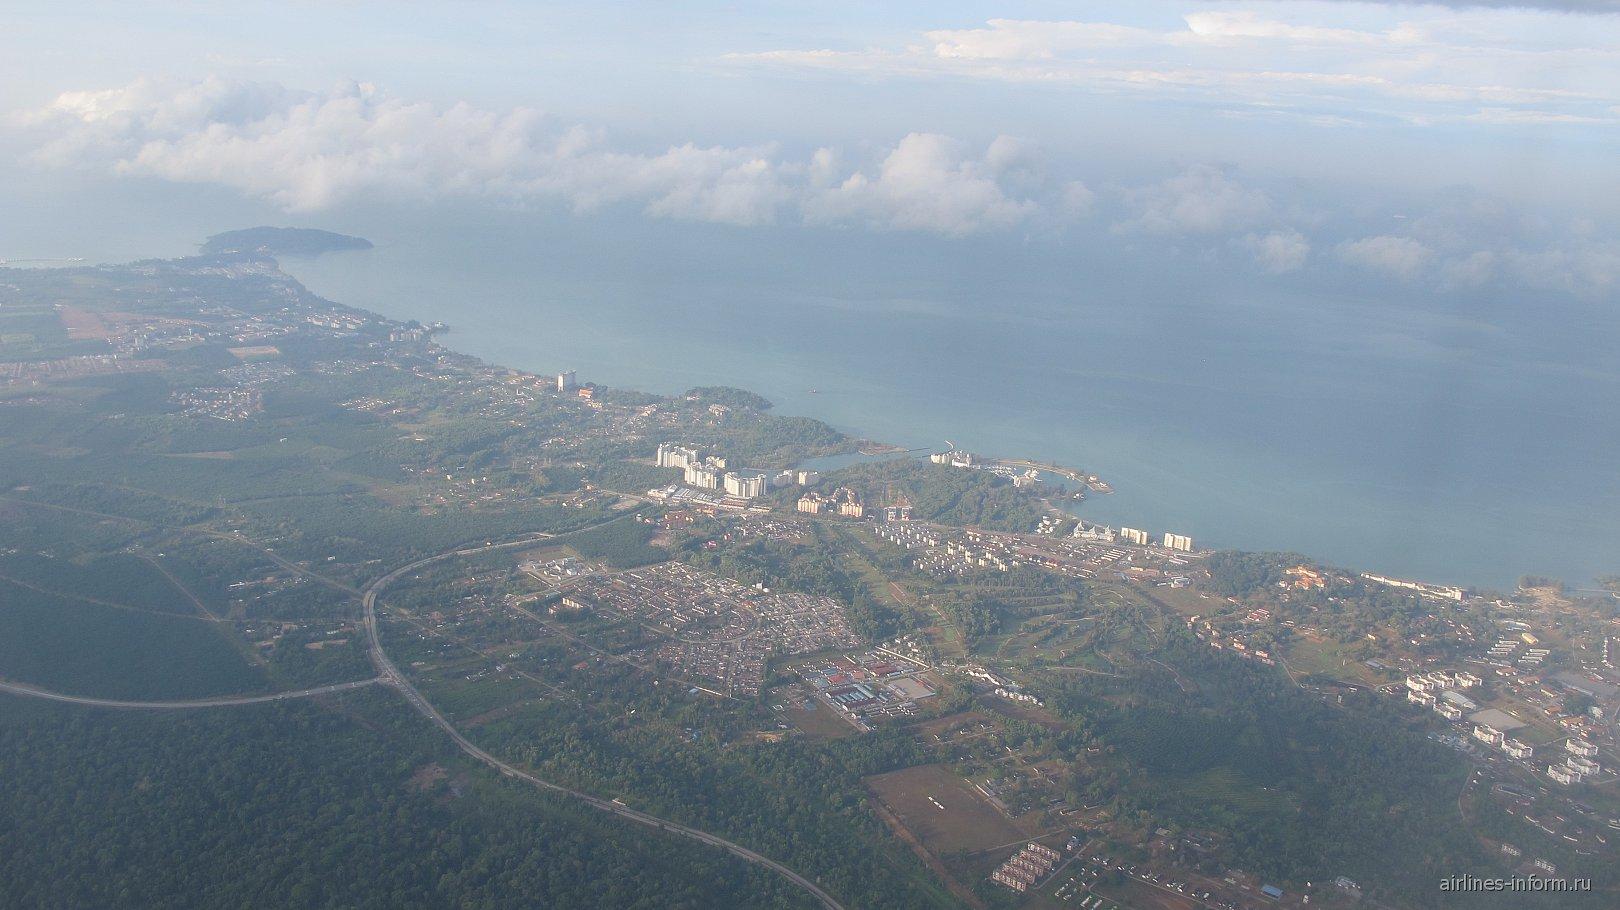 Курортная зона рядом с Портом Диксон в Малайзии